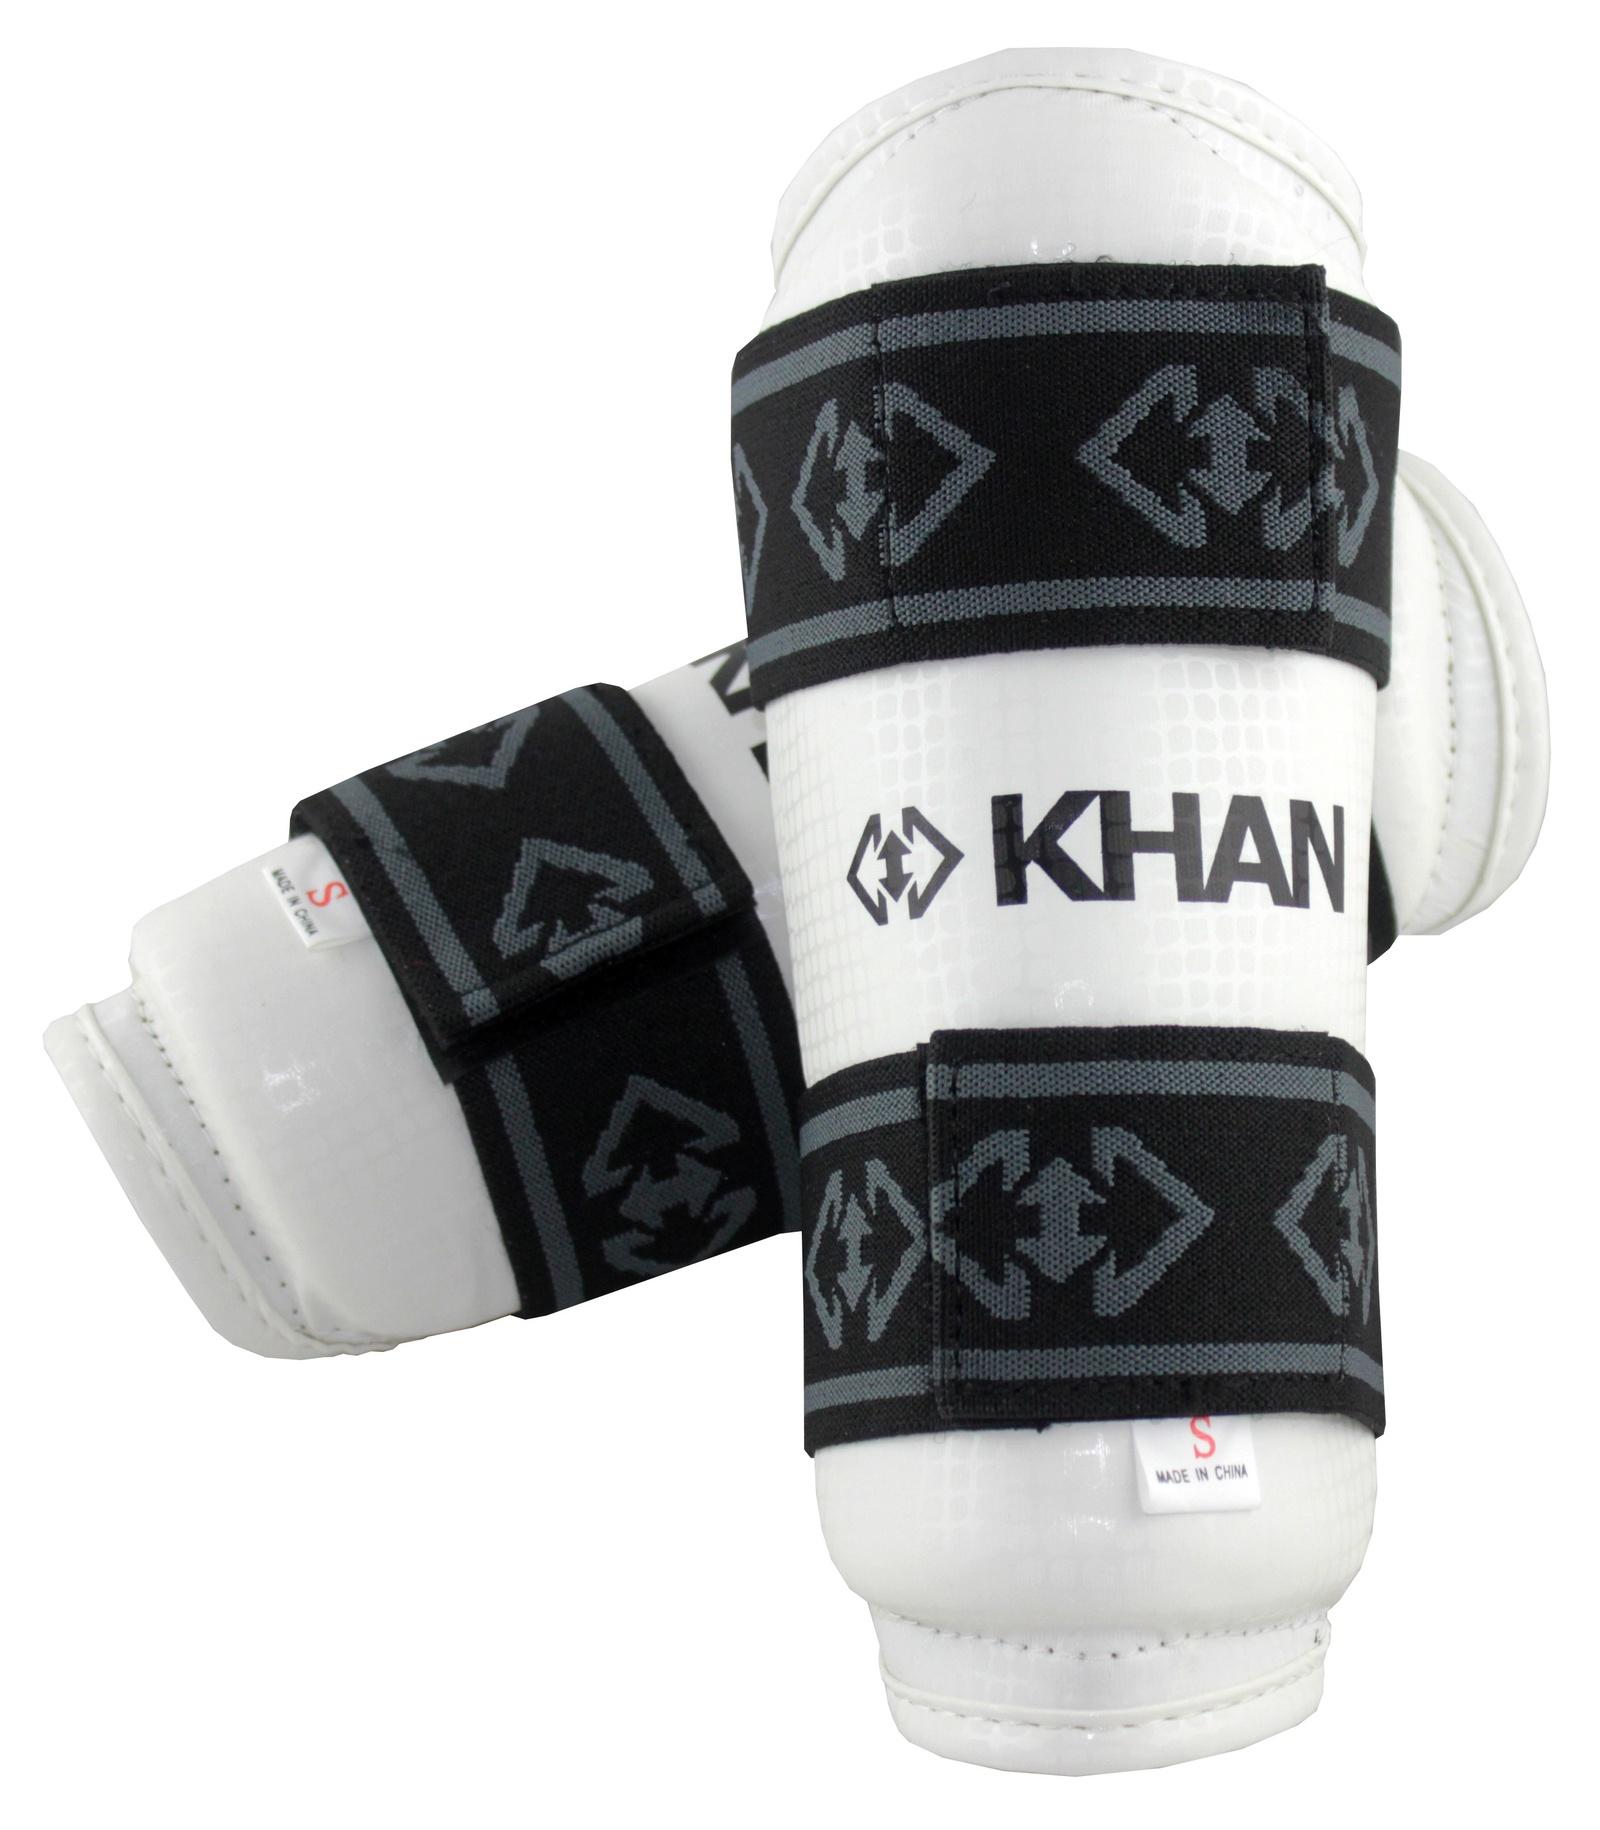 Защита предплечья Khan Club, E12012-3, белый, размер M цена и фото